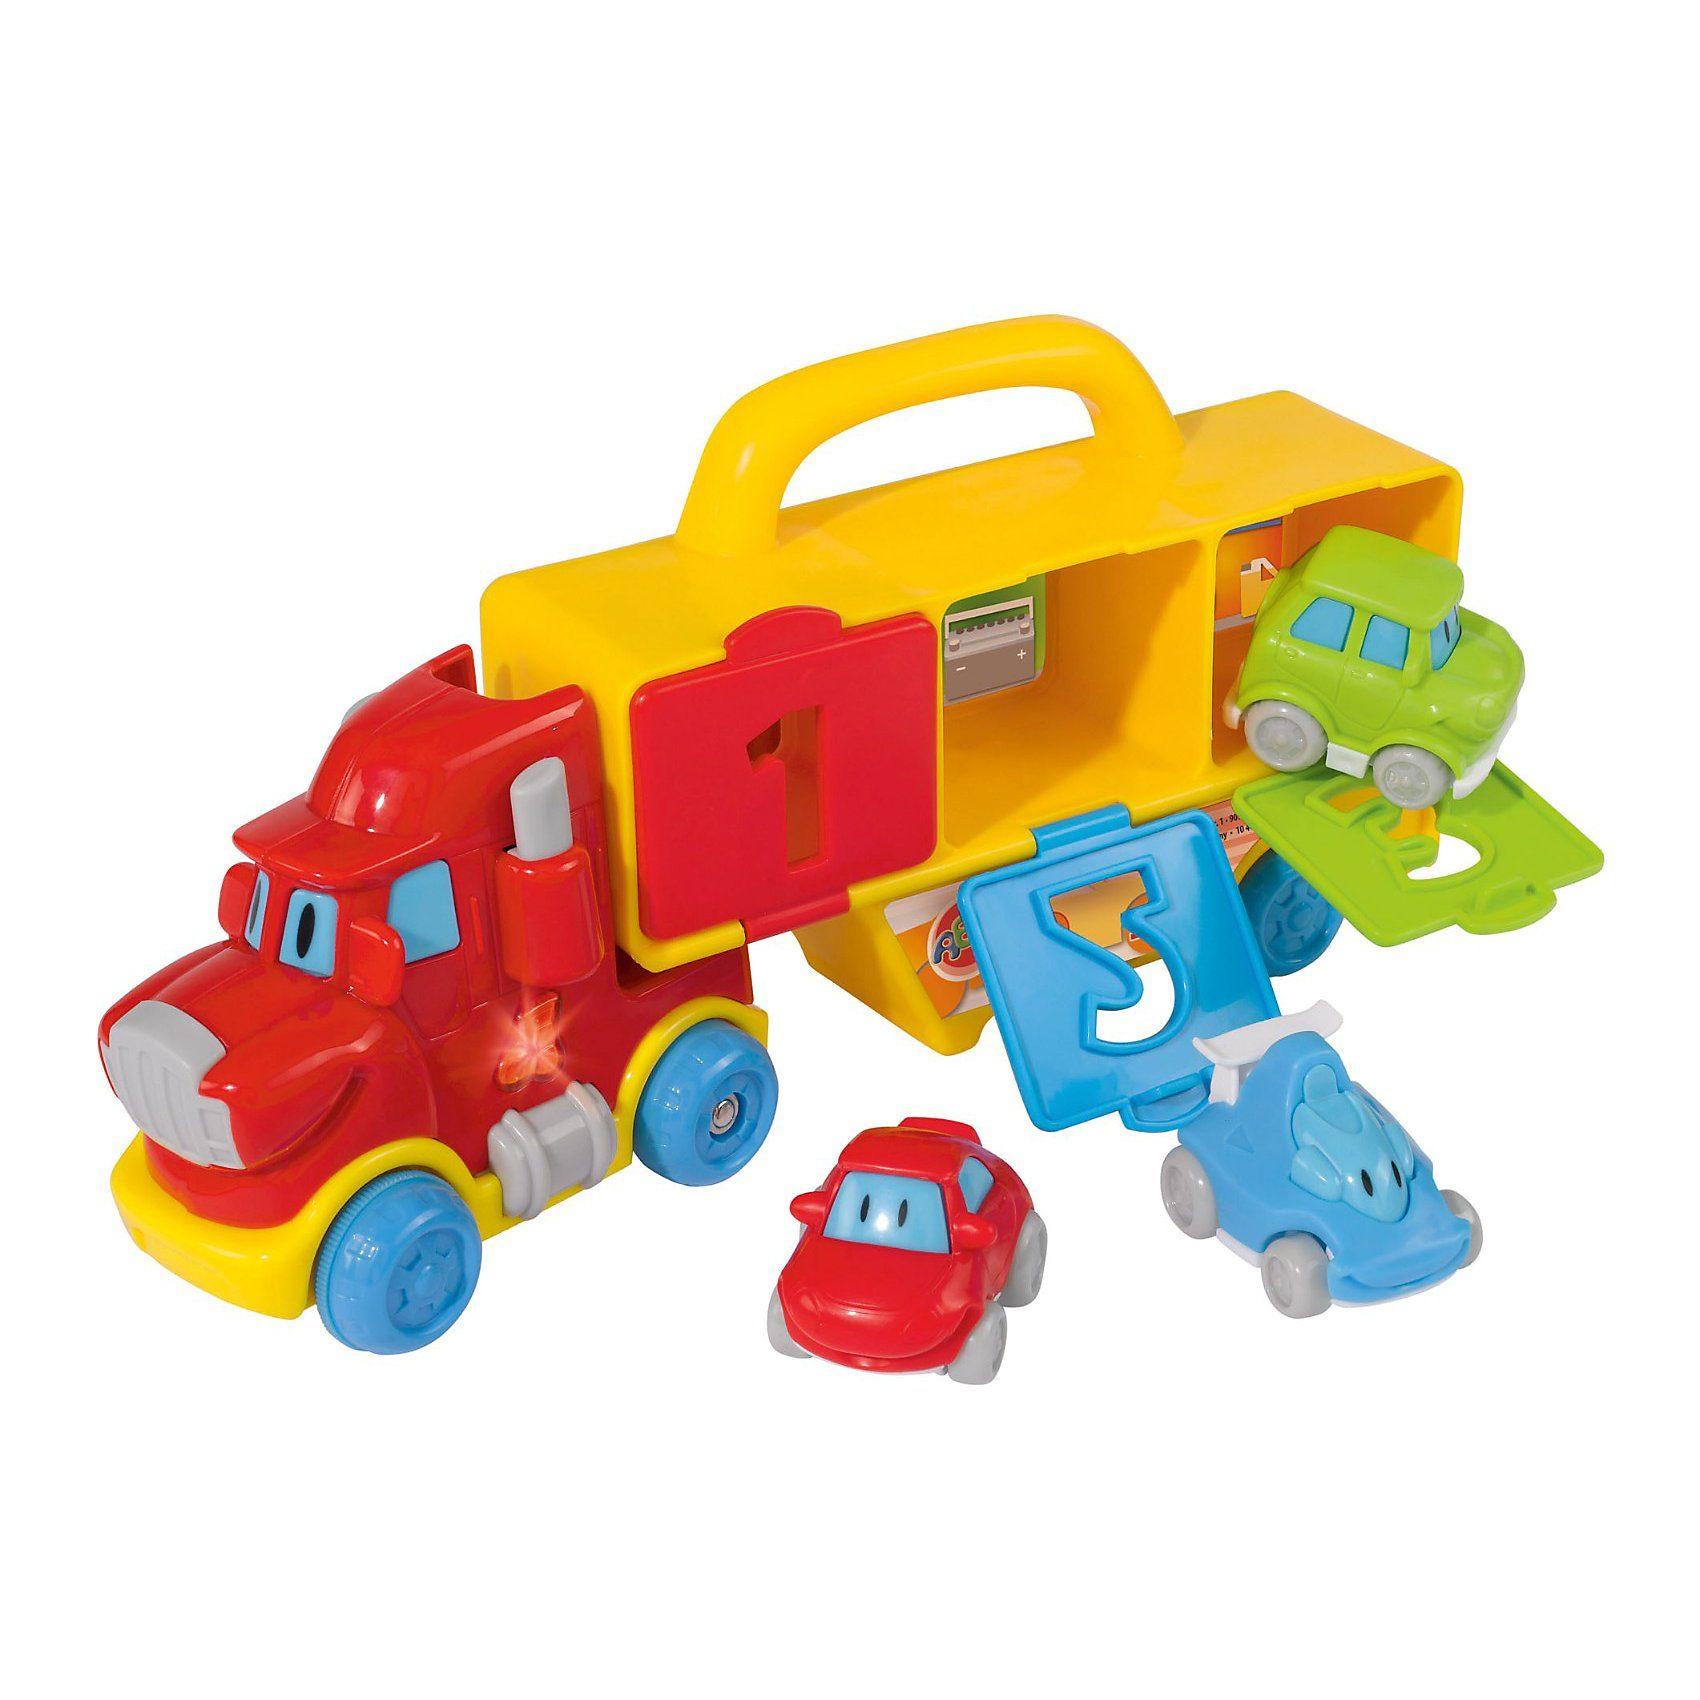 Simba ABC - Lern- und Spieltruck, 3 Autos